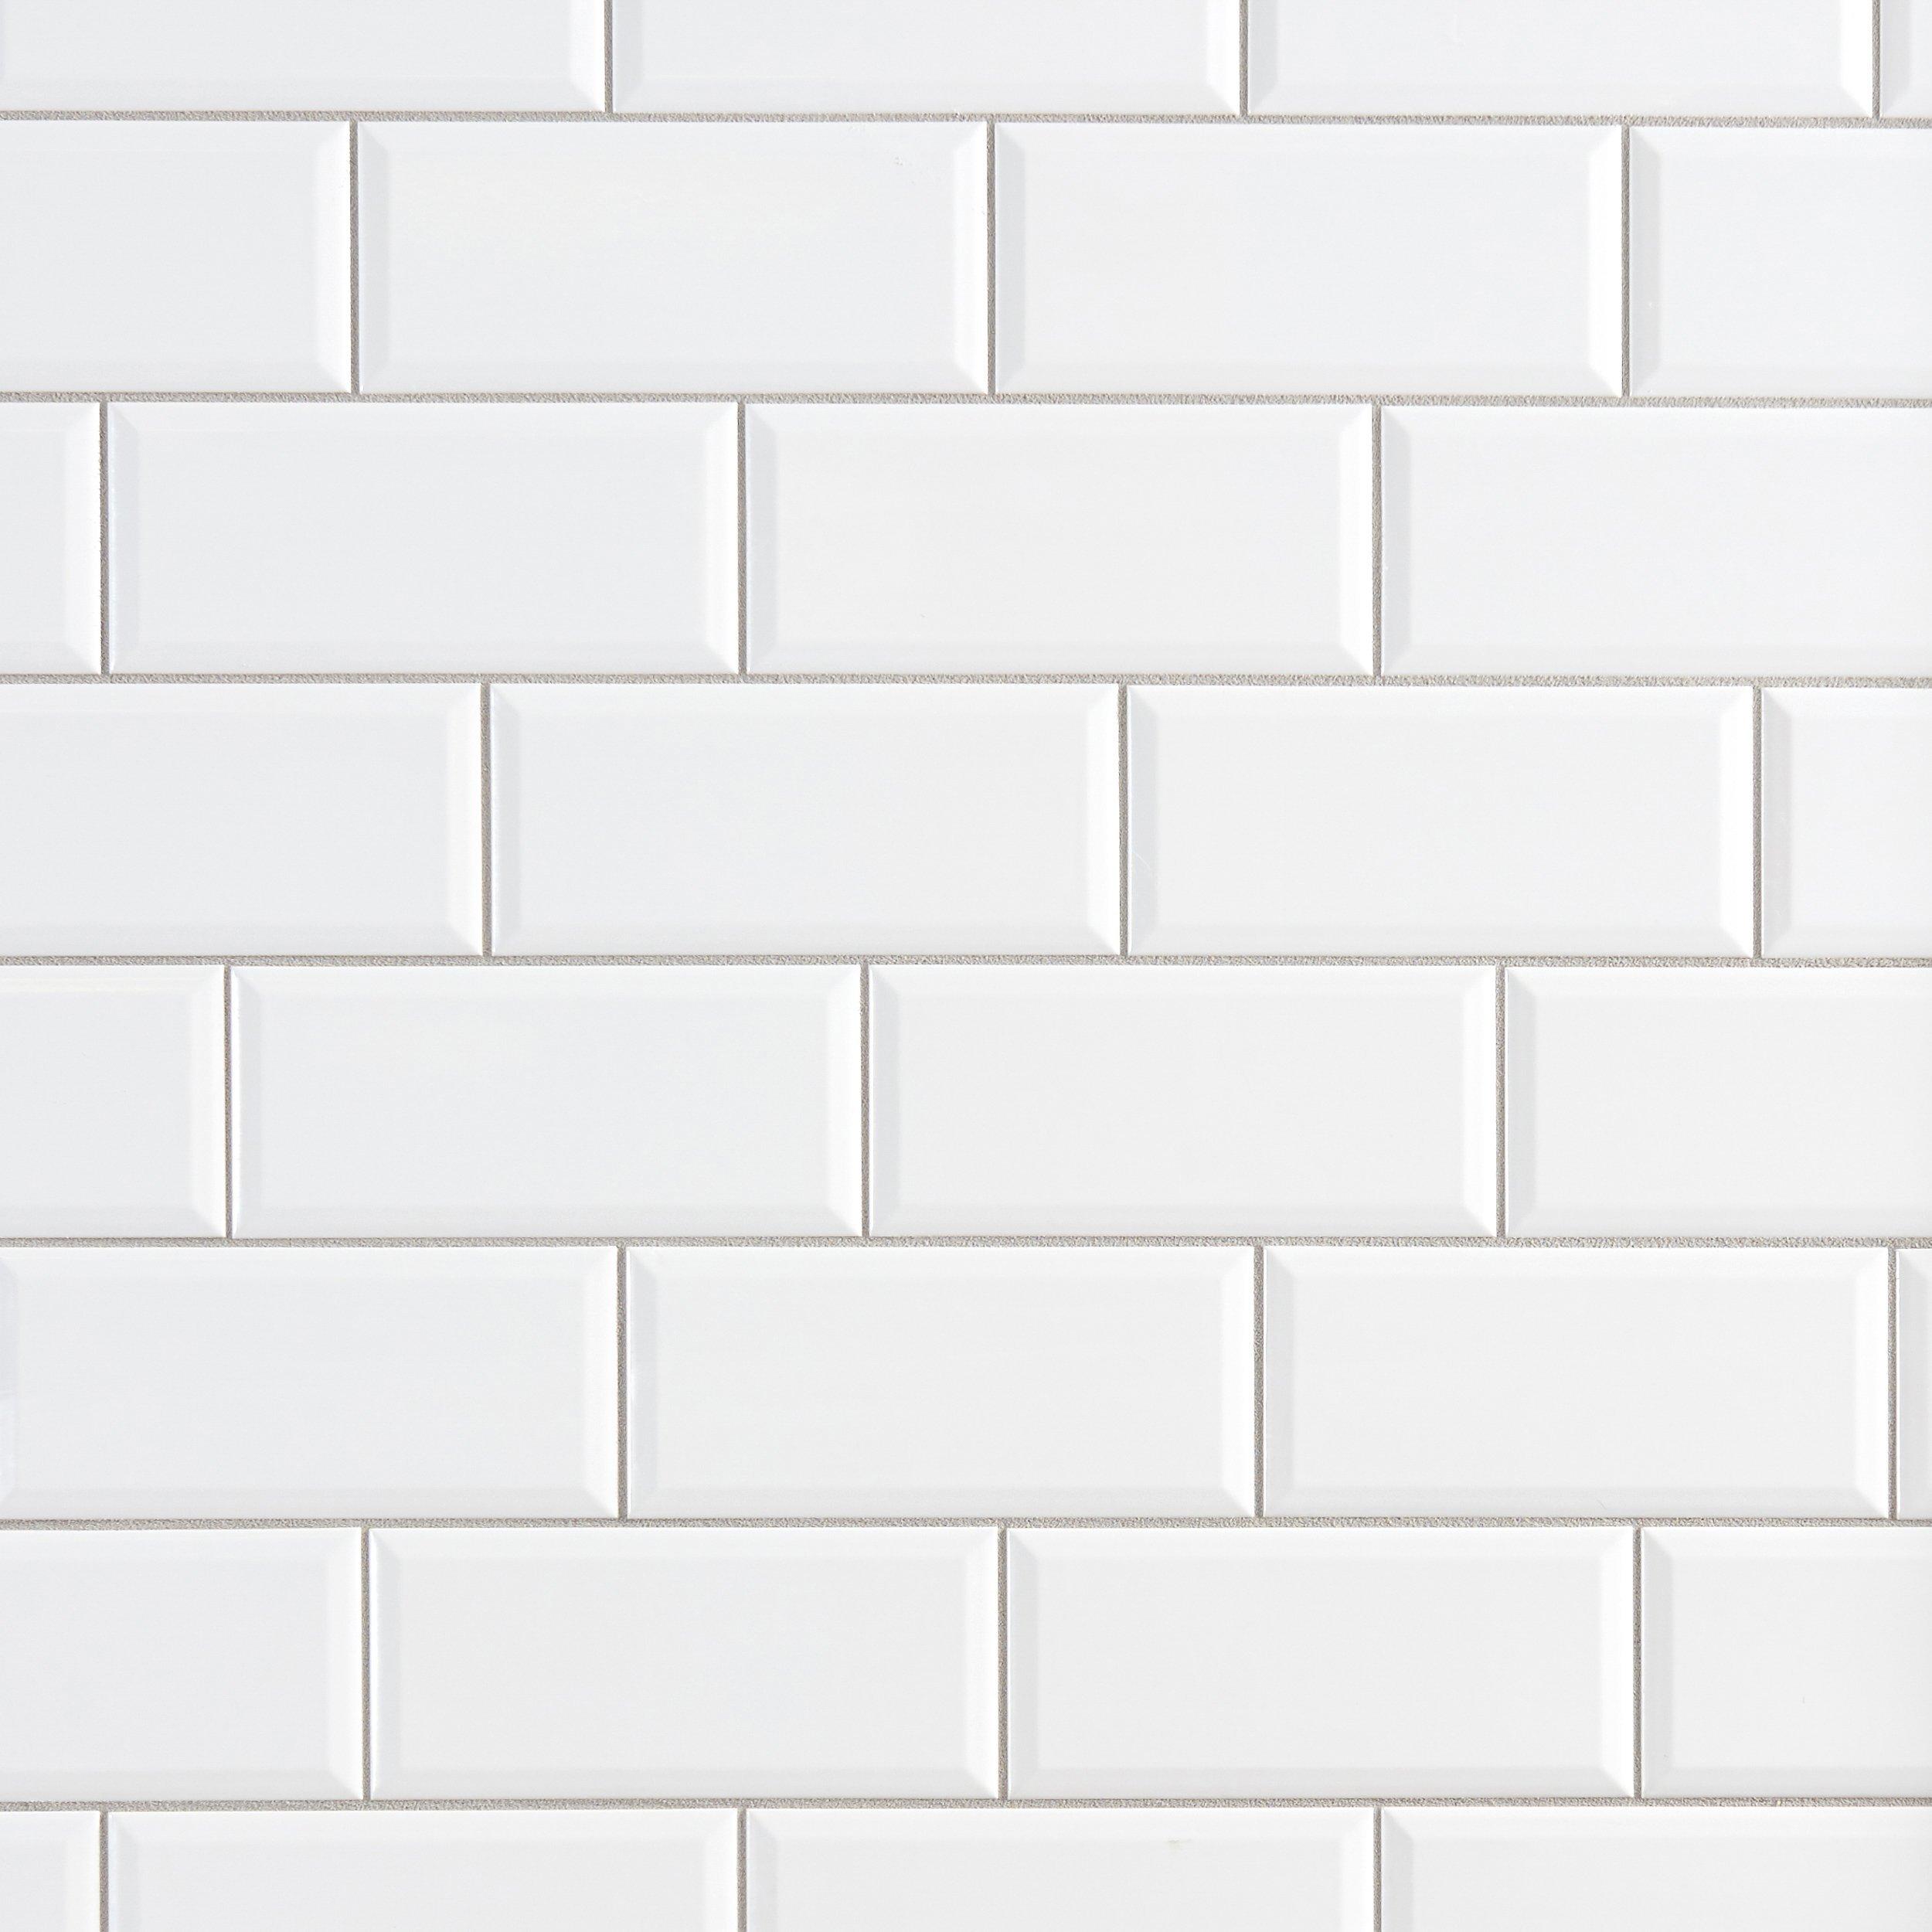 white beveled subway tile | Bright White Ice Beveled Ceramic Wall Tile - 3 x 6 ...